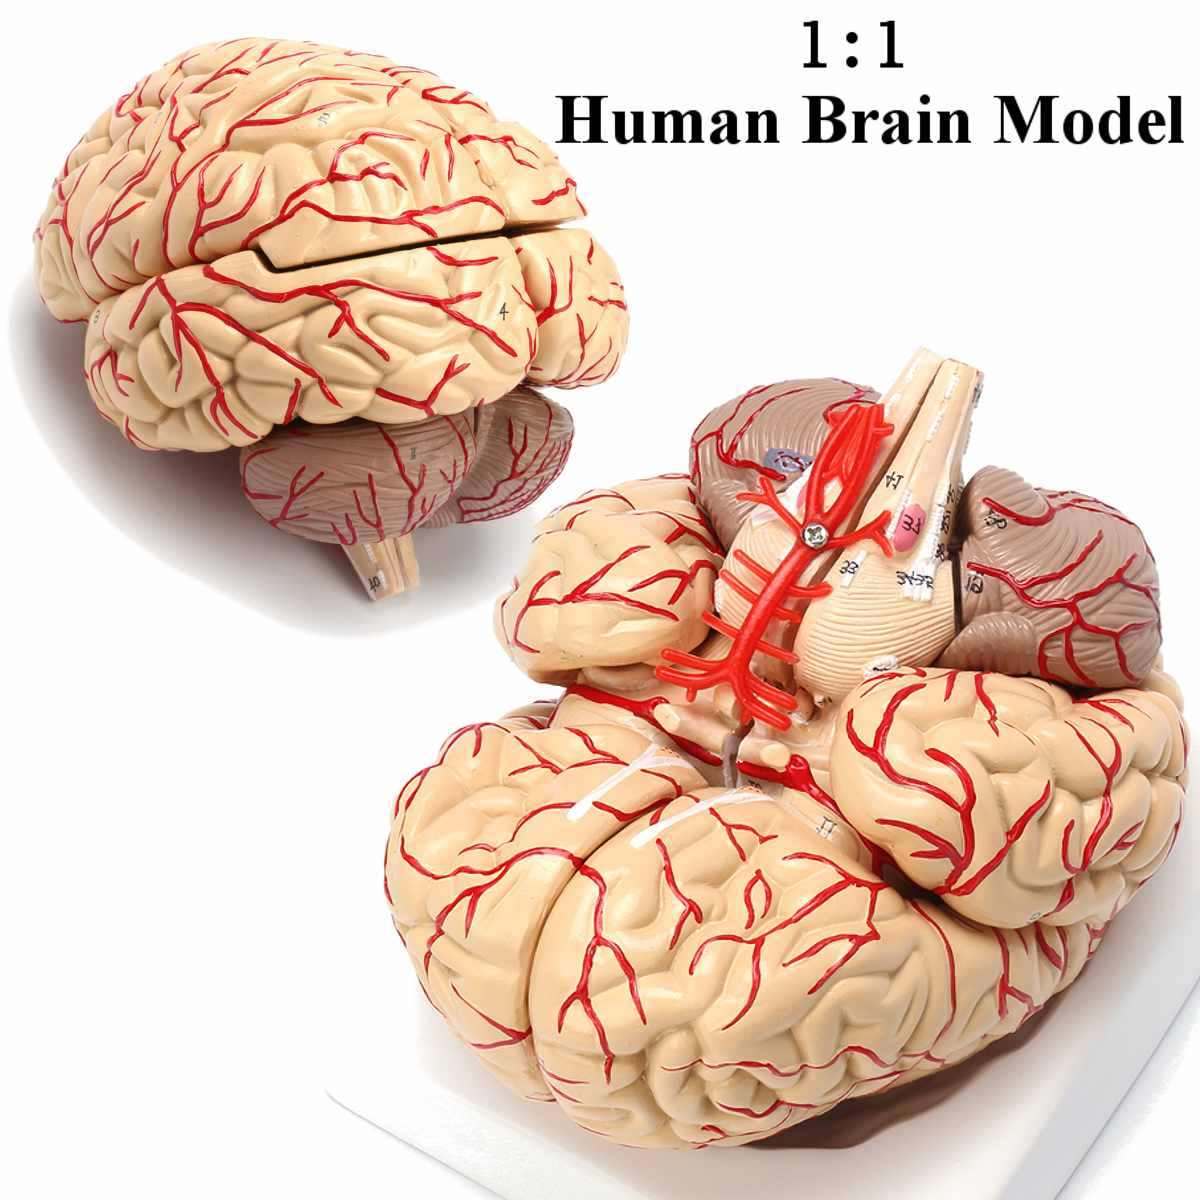 1:1 Đời Kích Thước Bộ Não Con Người Mẫu Với Động Mạch Giải Phẫu Học Y Tế Đàn Organ Mô Hình Giải Phẫu Học Giáo Dục Khoa Học Y Học Giảng Dạy